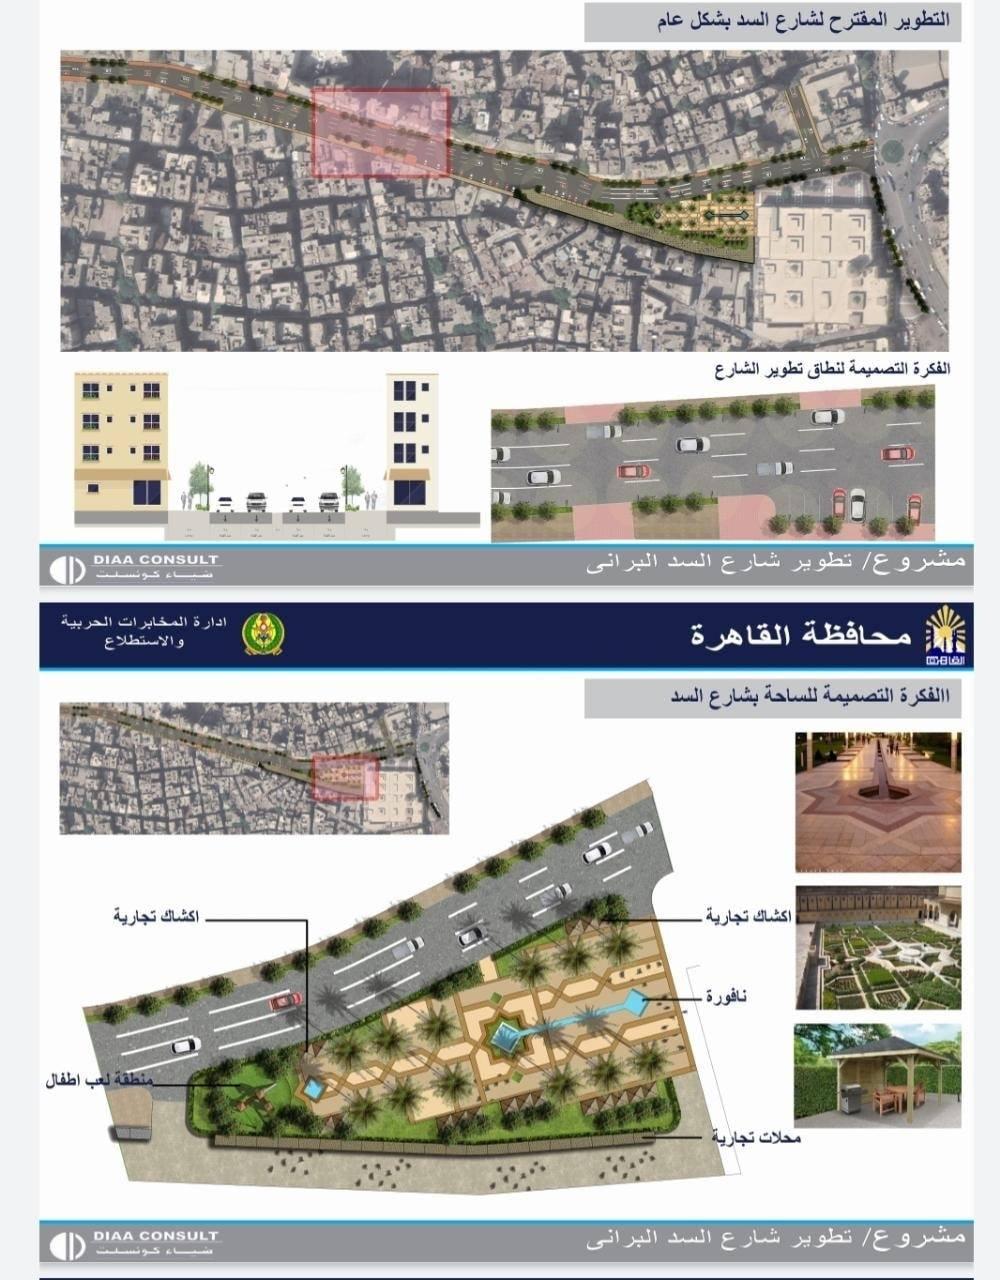 مشروع إحياء مسار آل البيت بالقاهرة (8)